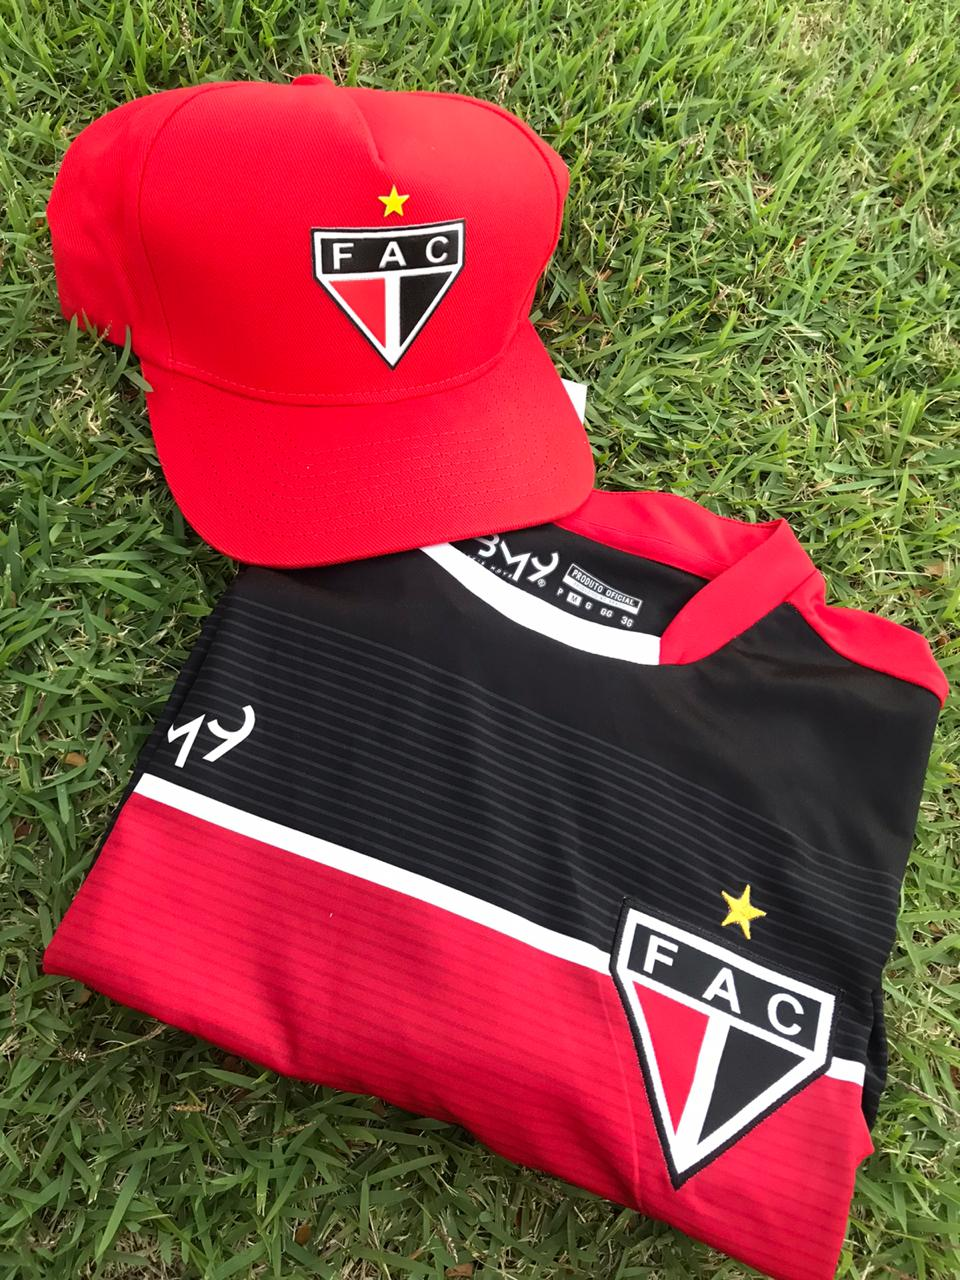 Kit dos pais (camisa treino + boné + caixa)  - Ferrão Store